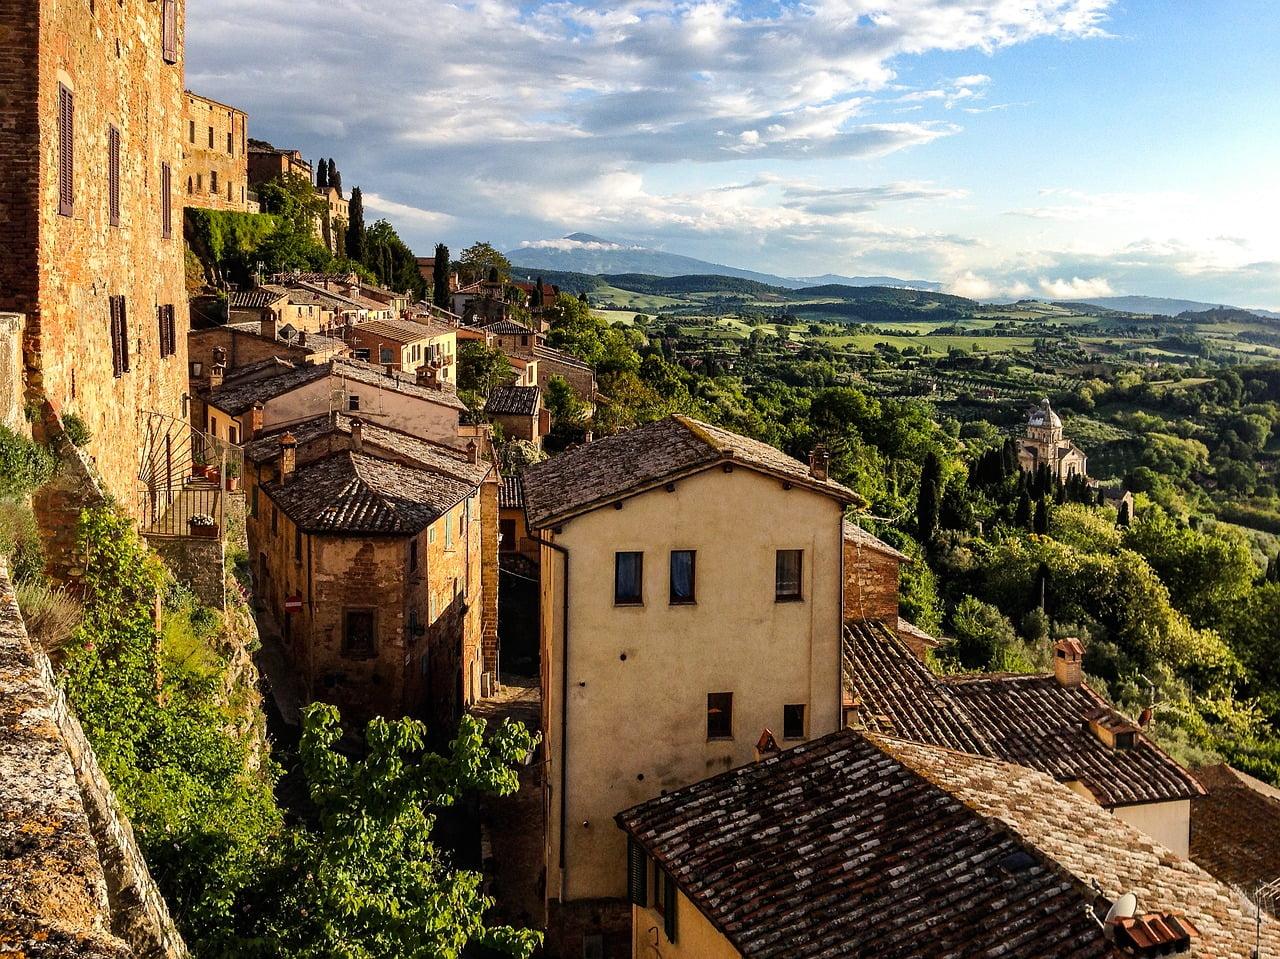 Alla scoperta del vino Nobile di Montepulciano, durante un viaggio on the road in Toscana.